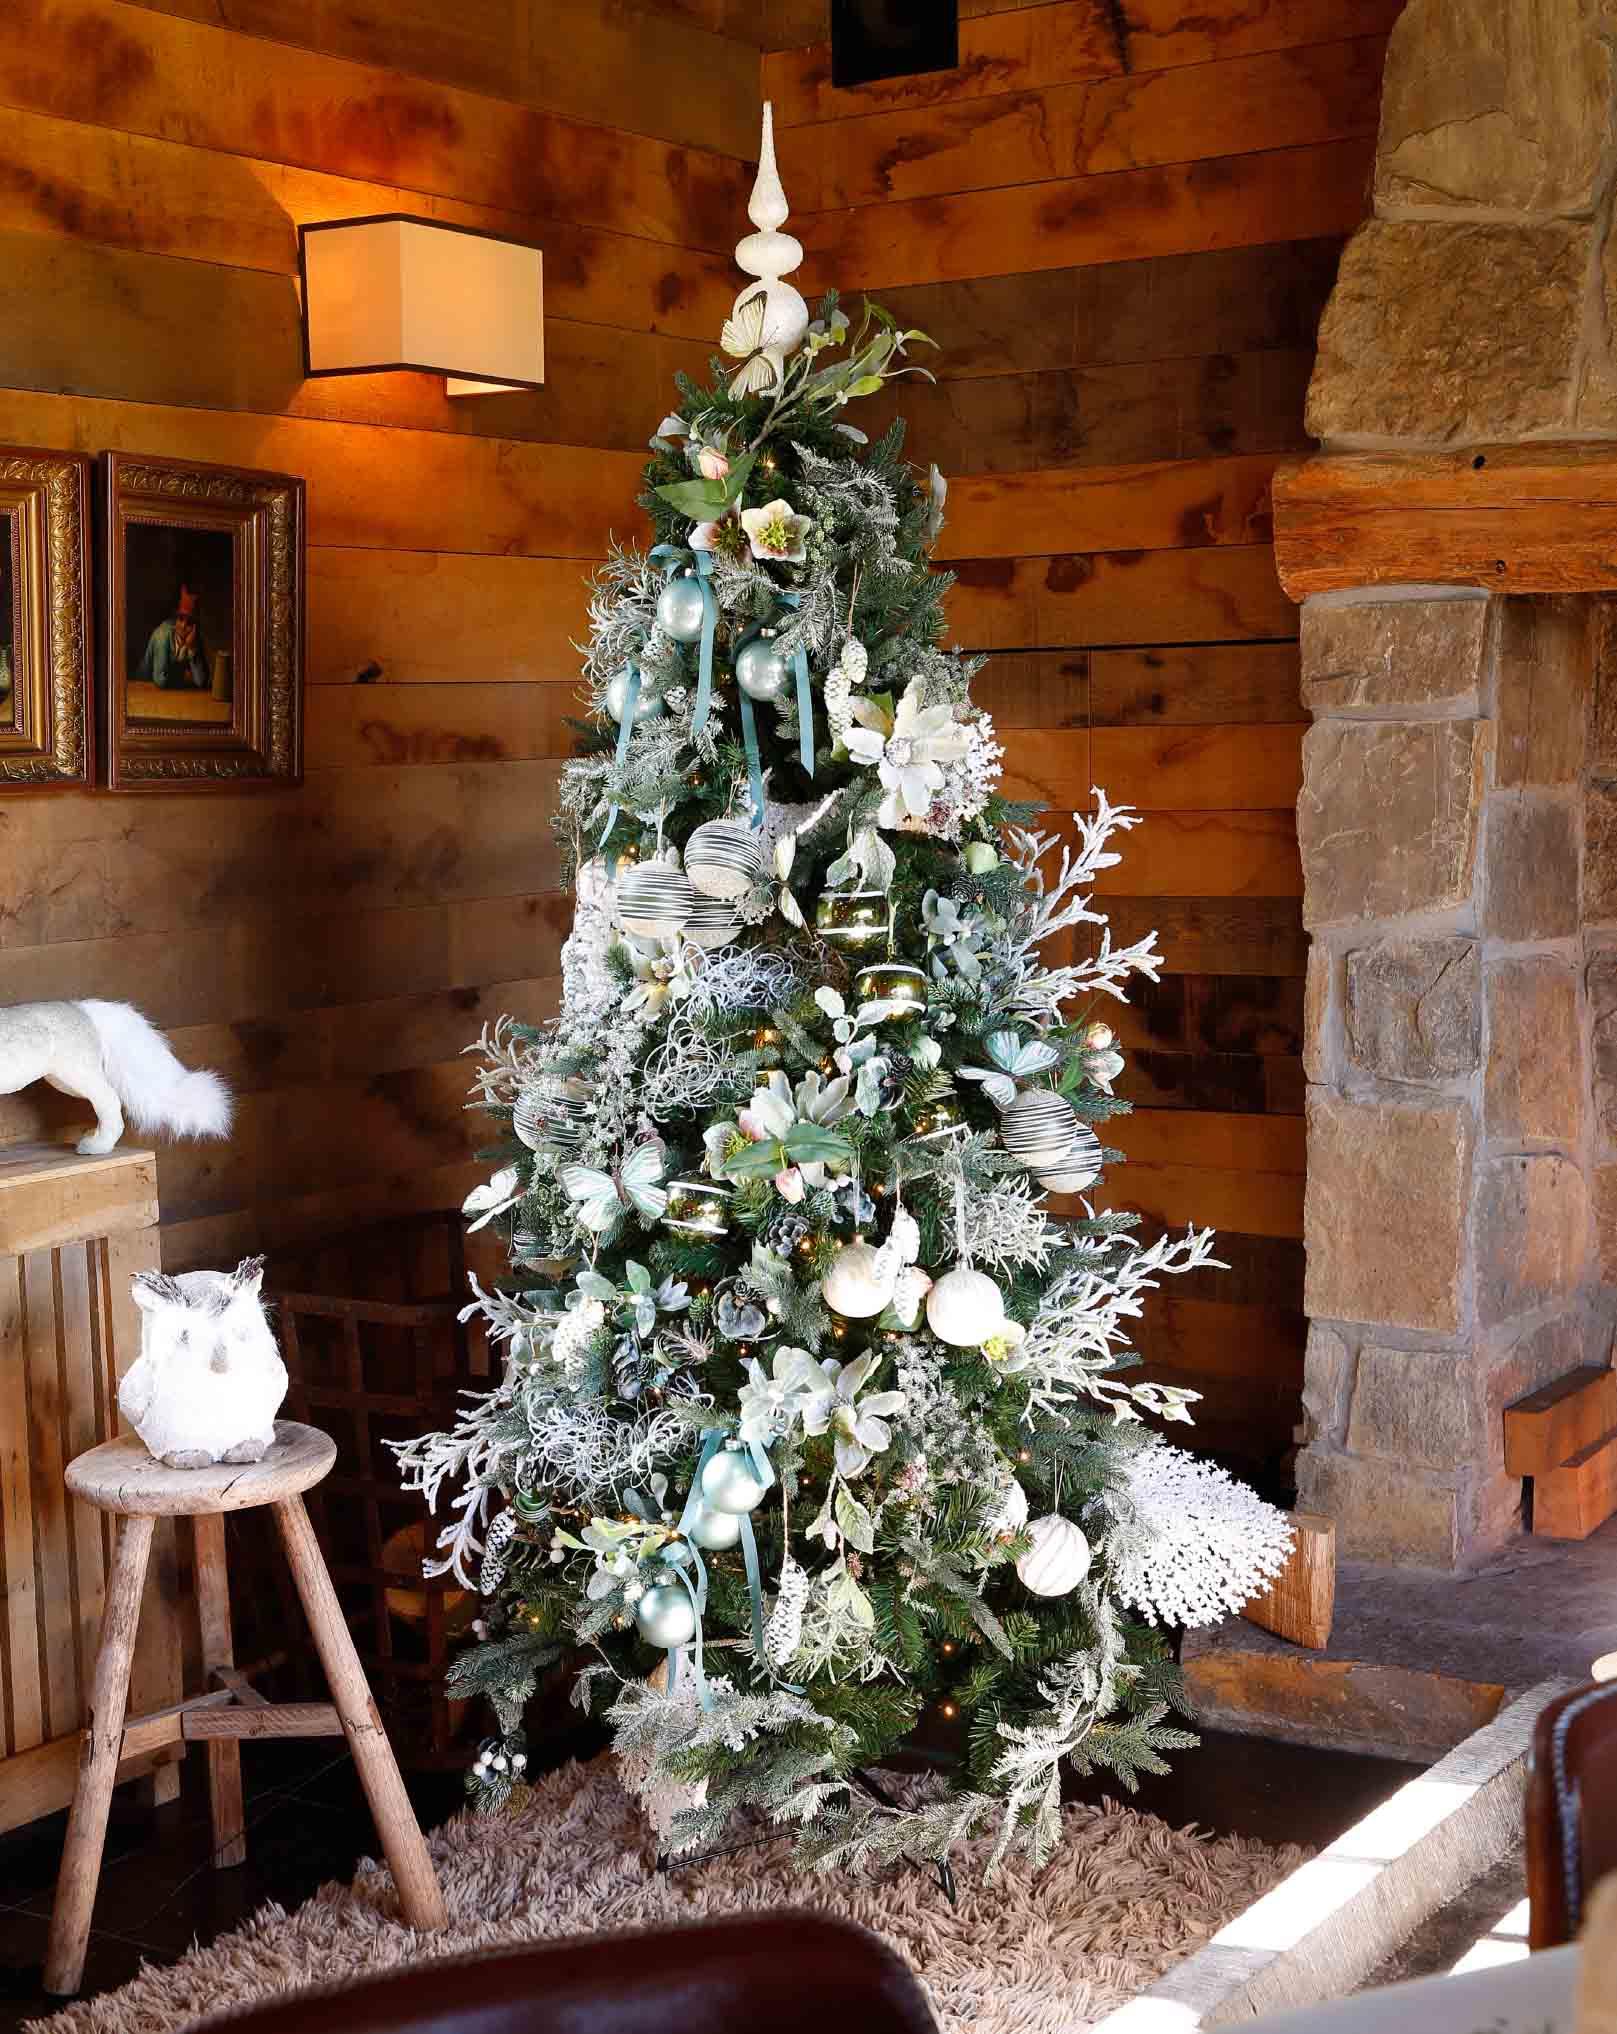 kerstboom met groen en wit